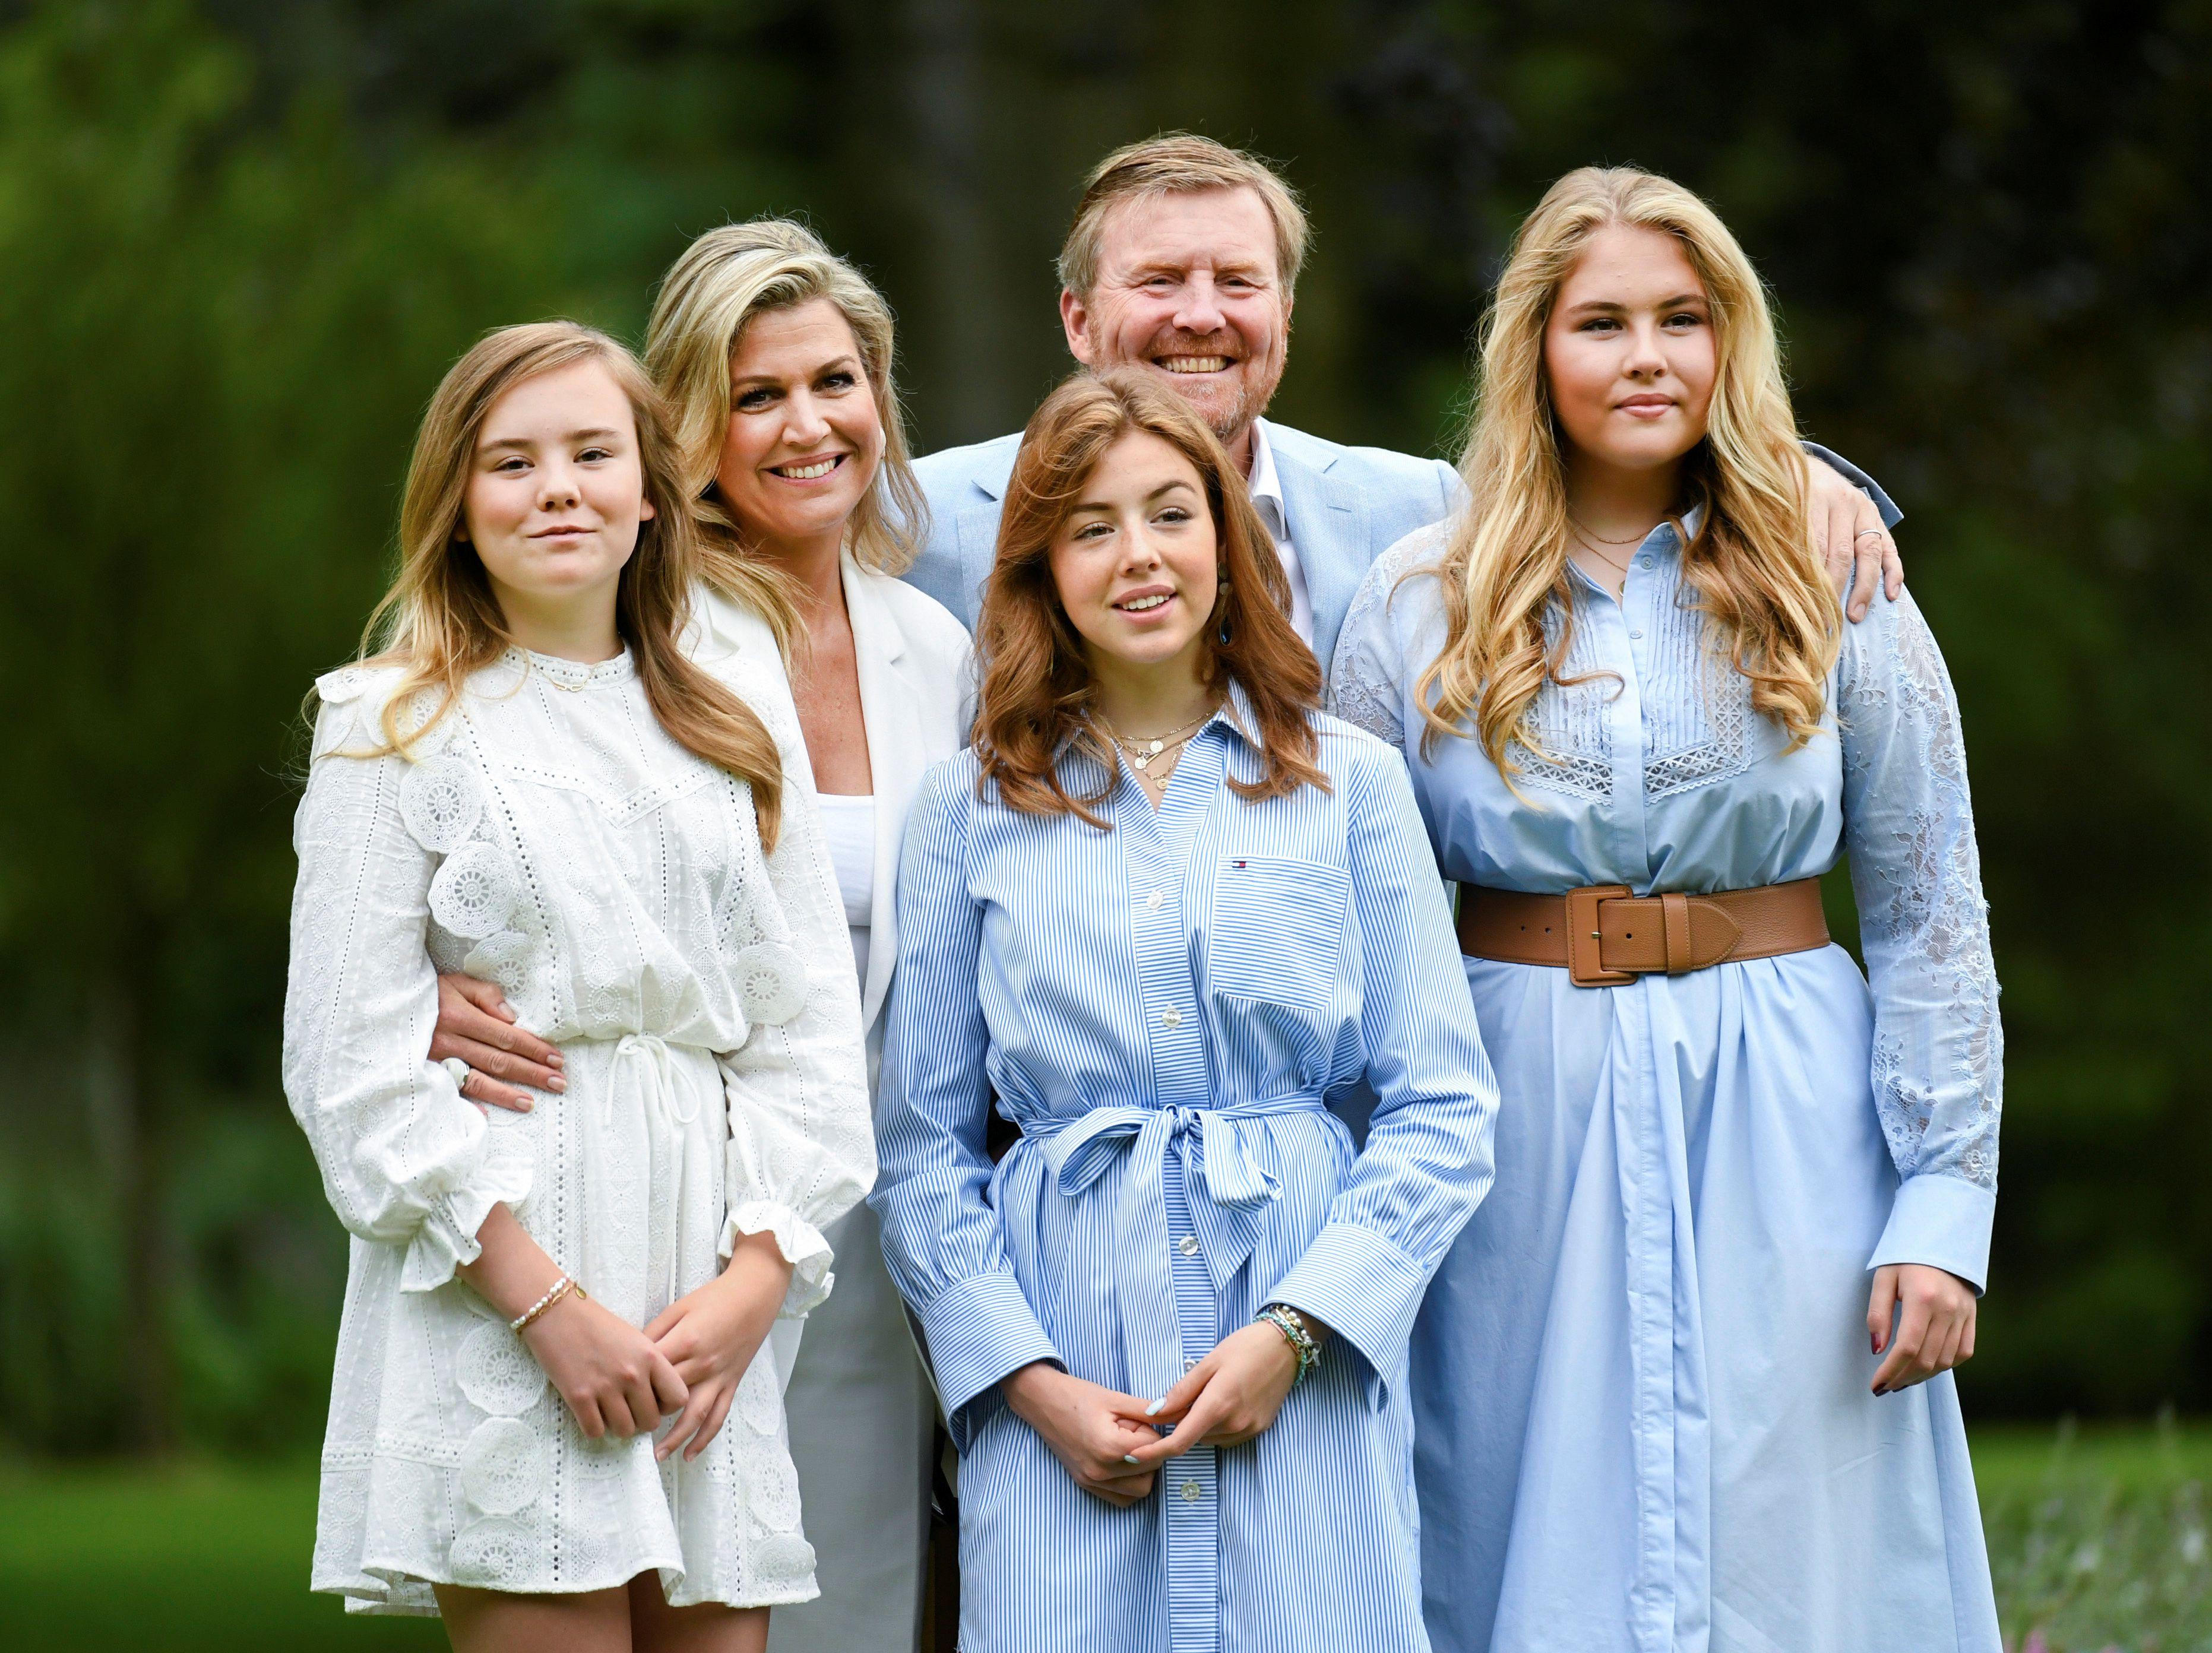 El rey Willem Alexander, la reina Máxima, las princesas Amalia, Alexia y Ariane posan durante una sesión de fotos oficial en La Haya, Países Bajos (Foto: Reuters)